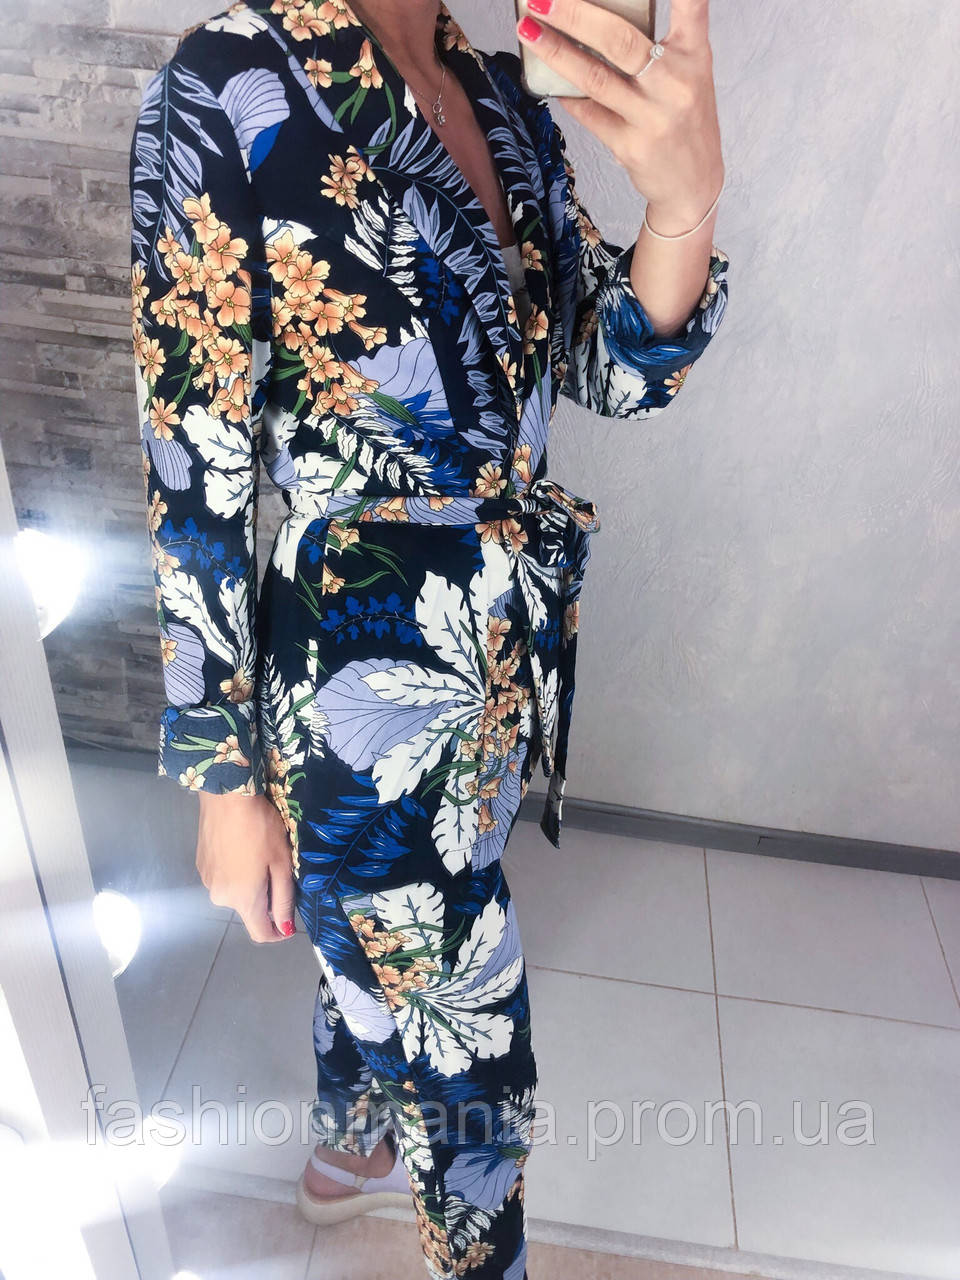 Стильный костюм с цветочным рисунком